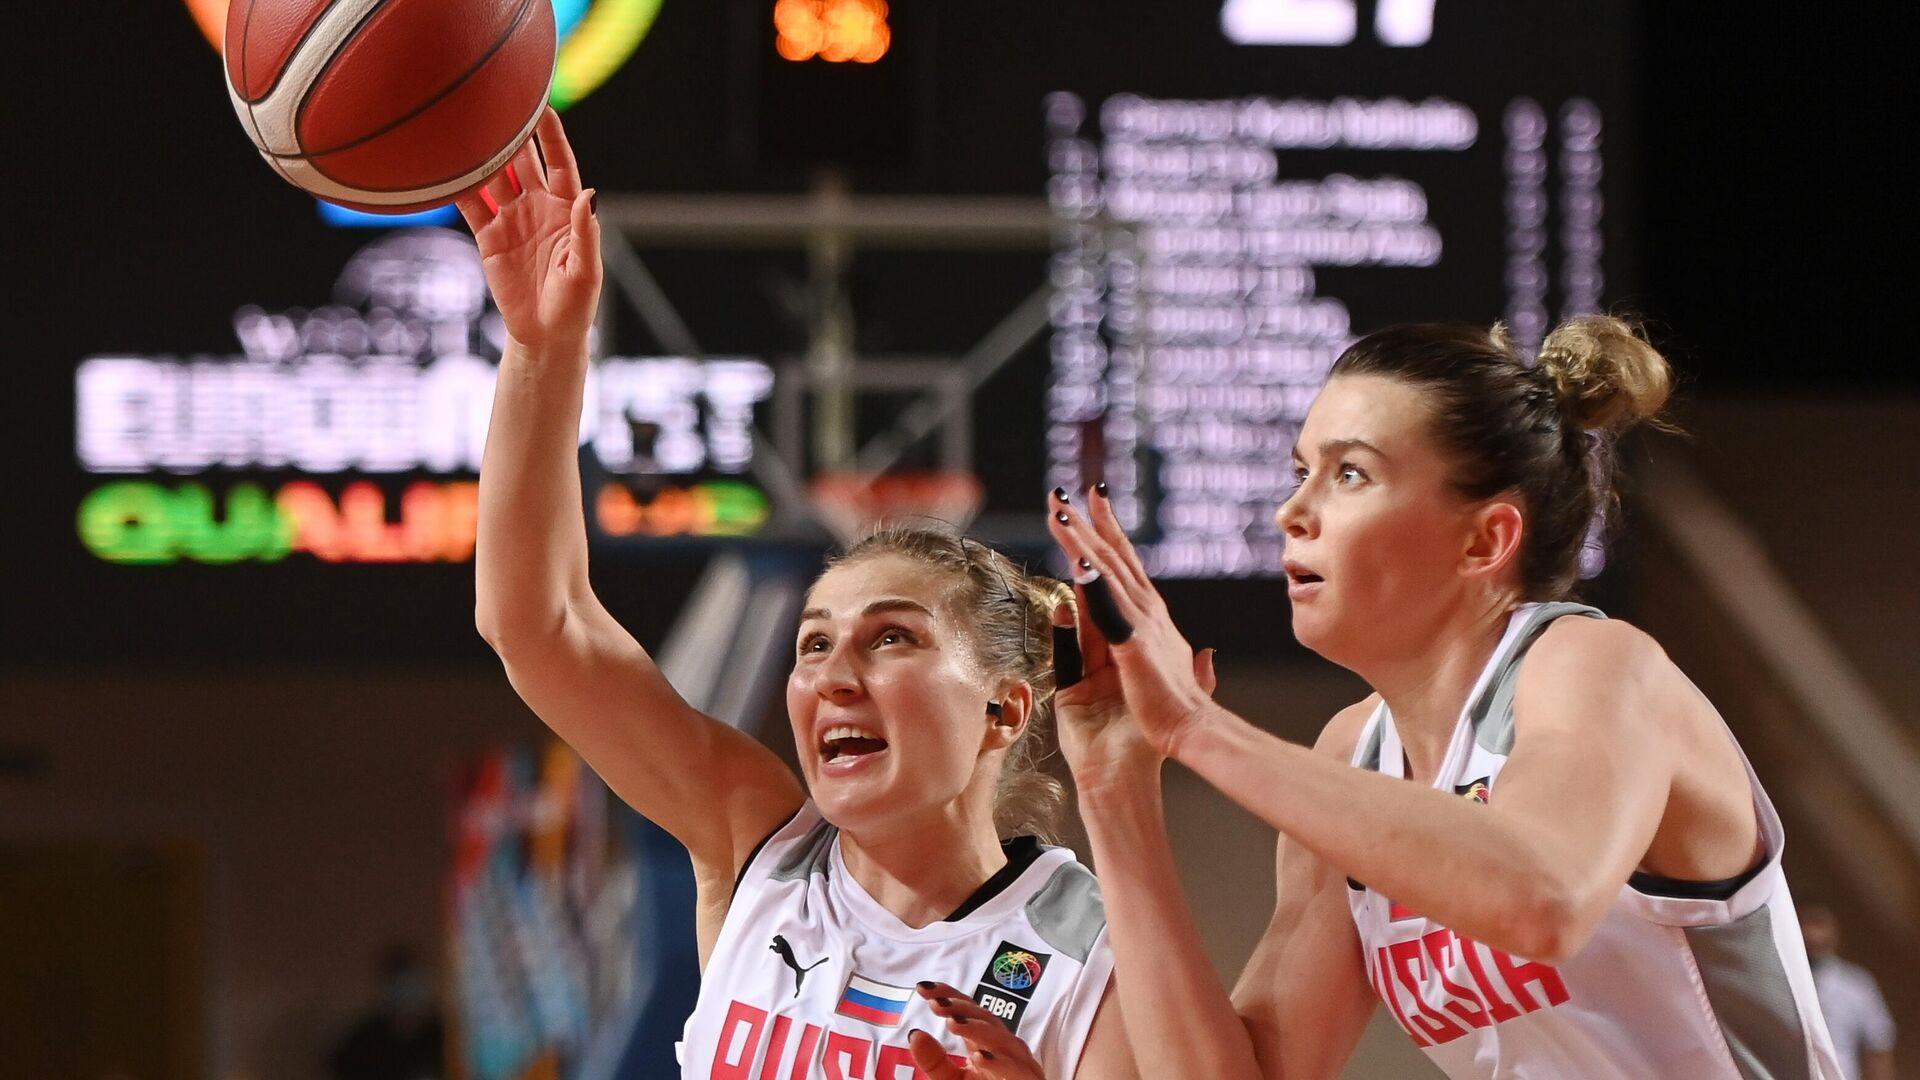 Баскетбол. Женщины. Квалификация Евробаскета-2021. Матч Россия – Швейцария - РИА Новости, 1920, 20.06.2021